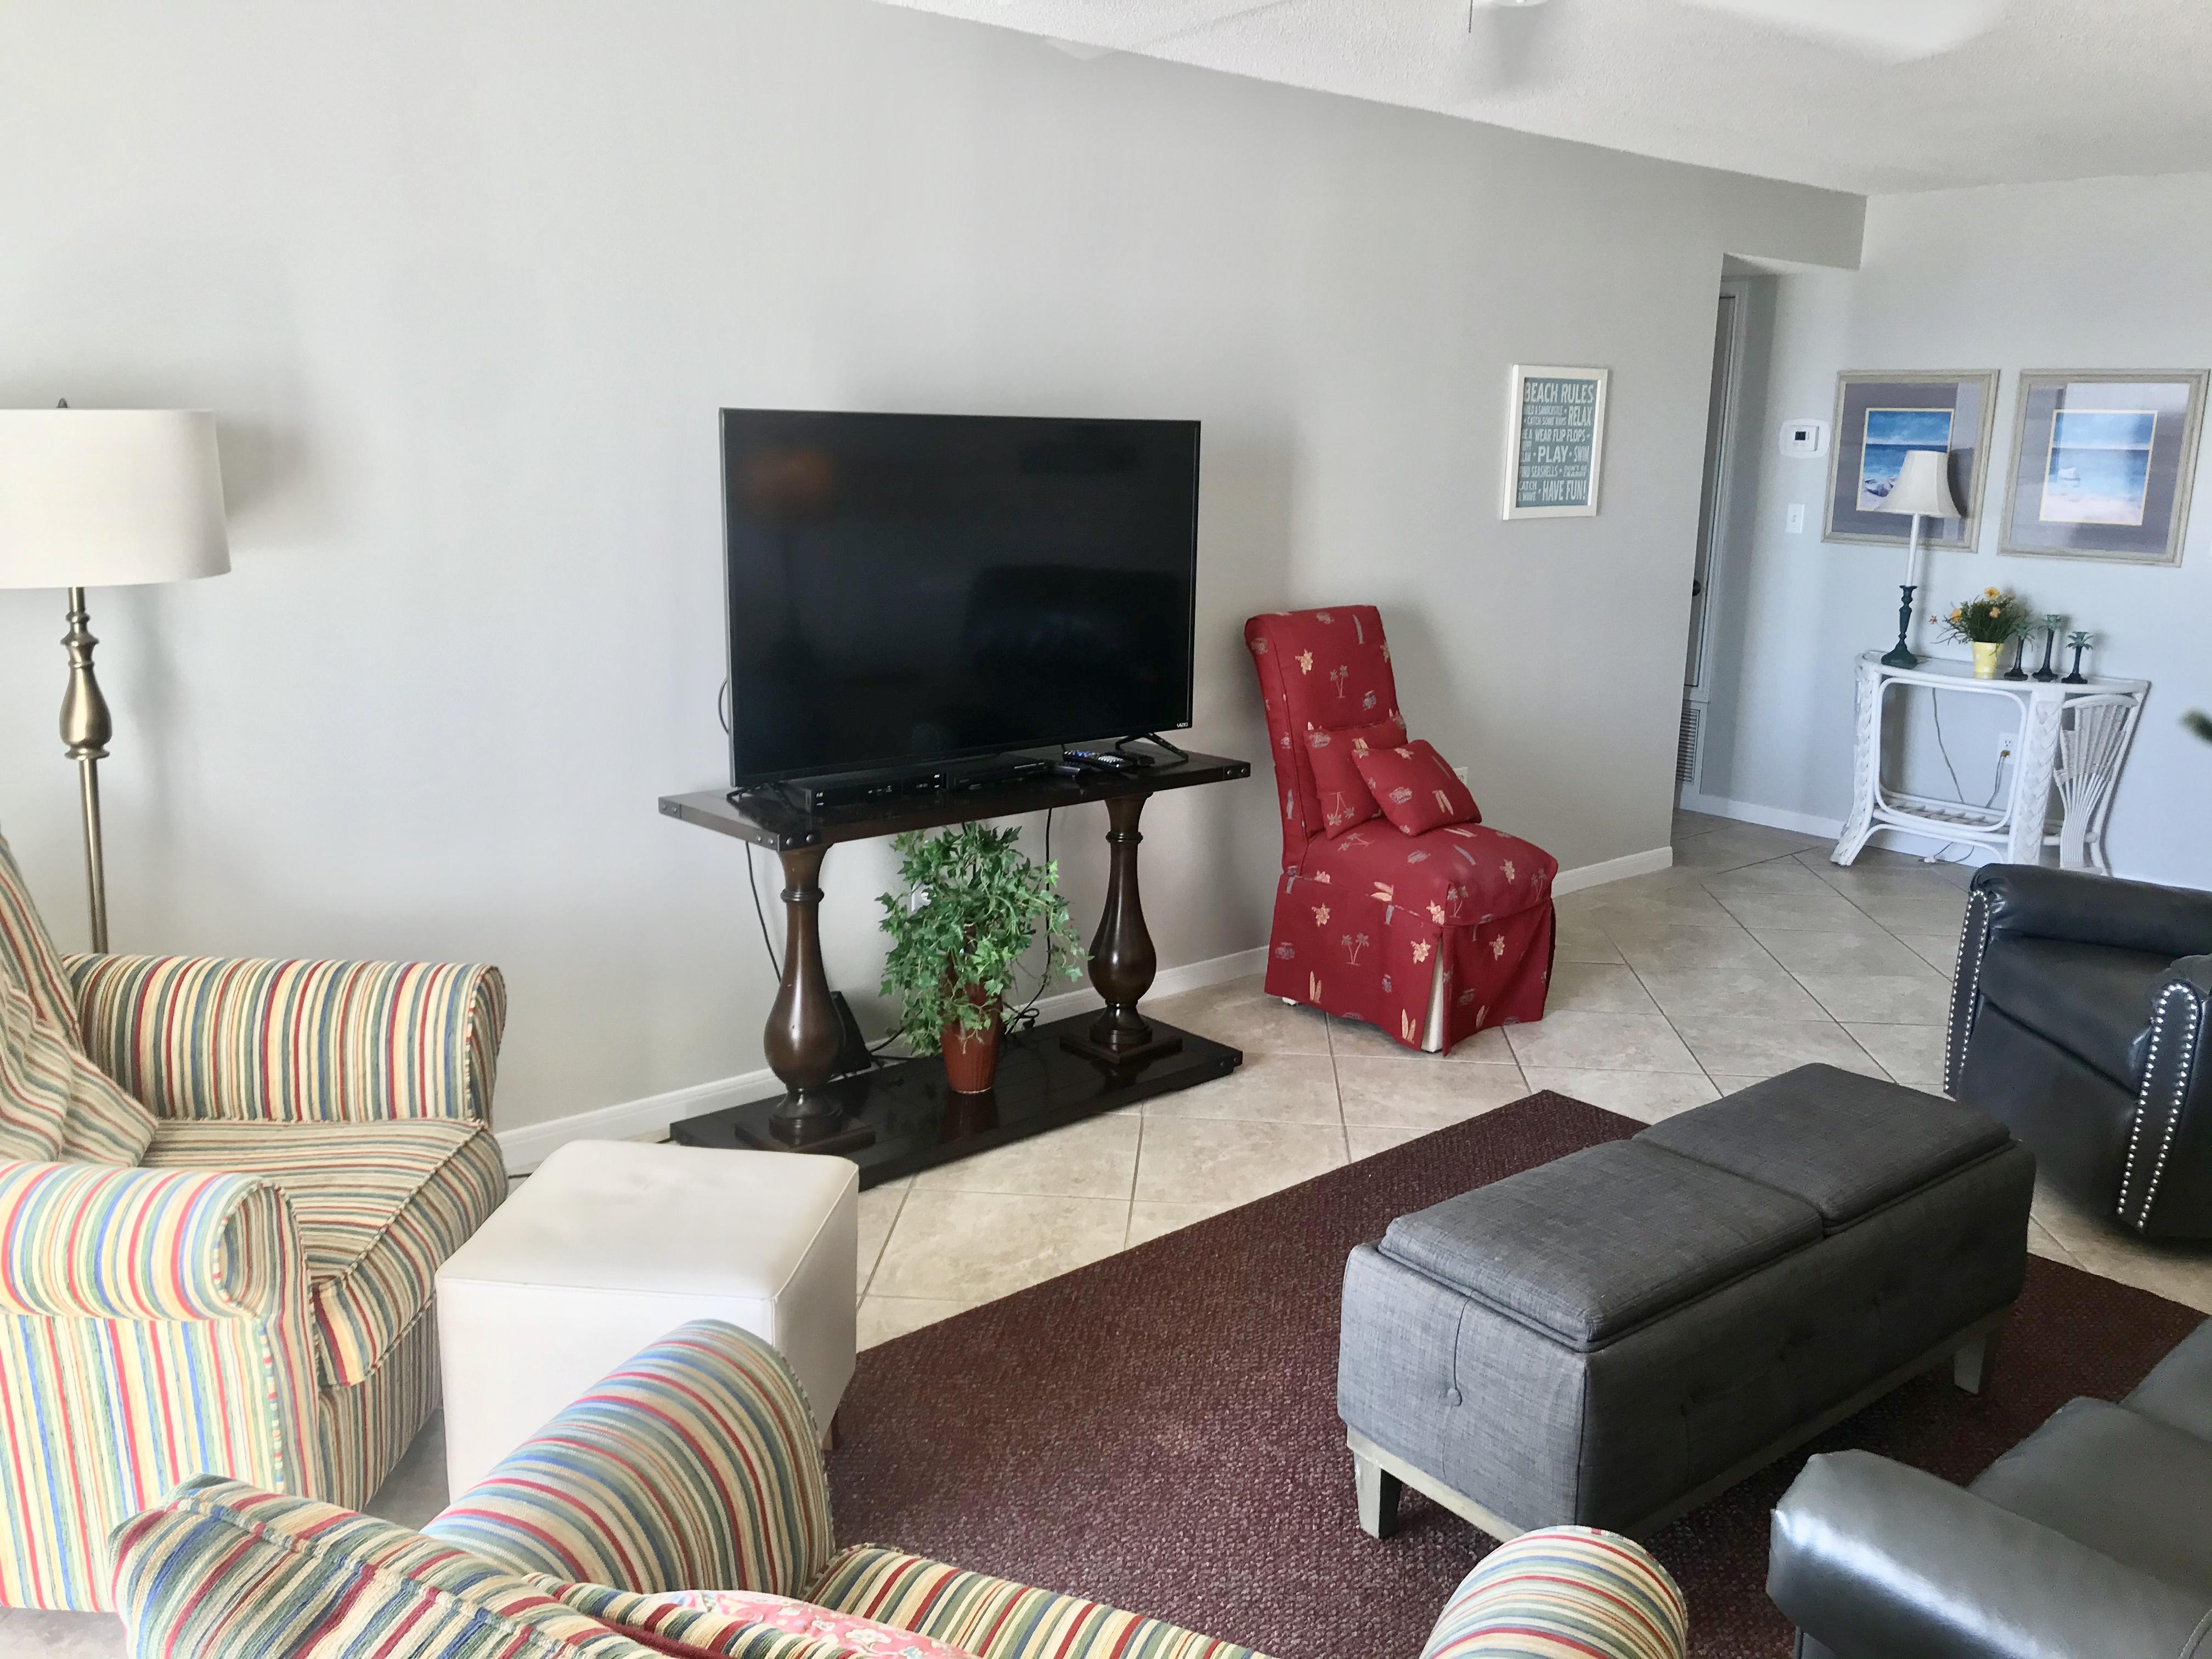 Ocean House 2204 Condo rental in Ocean House - Gulf Shores in Gulf Shores Alabama - #8